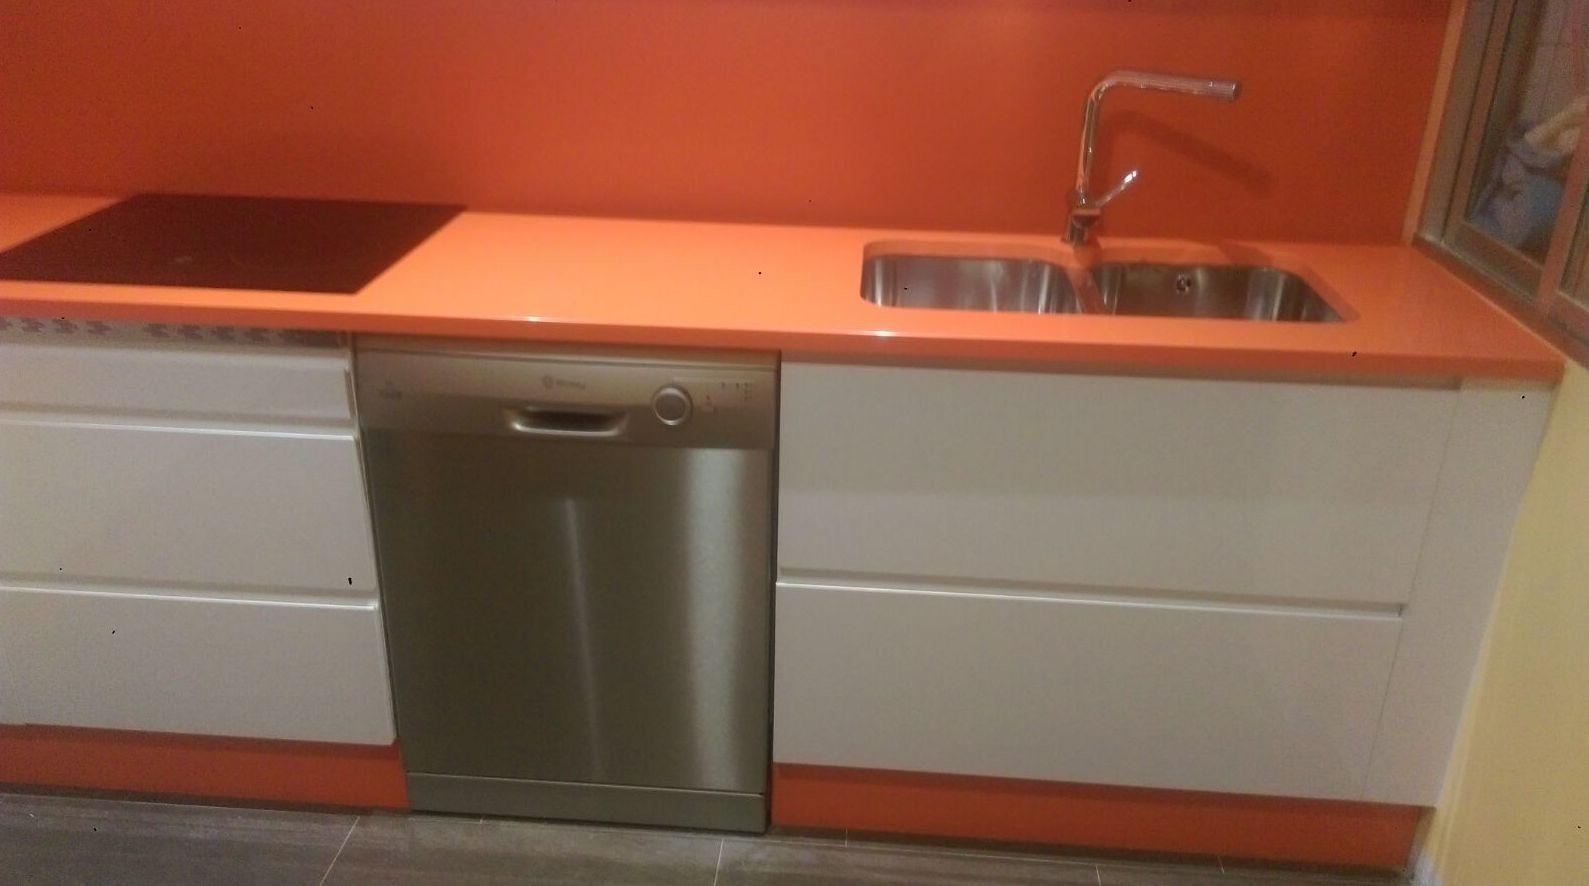 Fregadero y lavavajillas de cocina particular